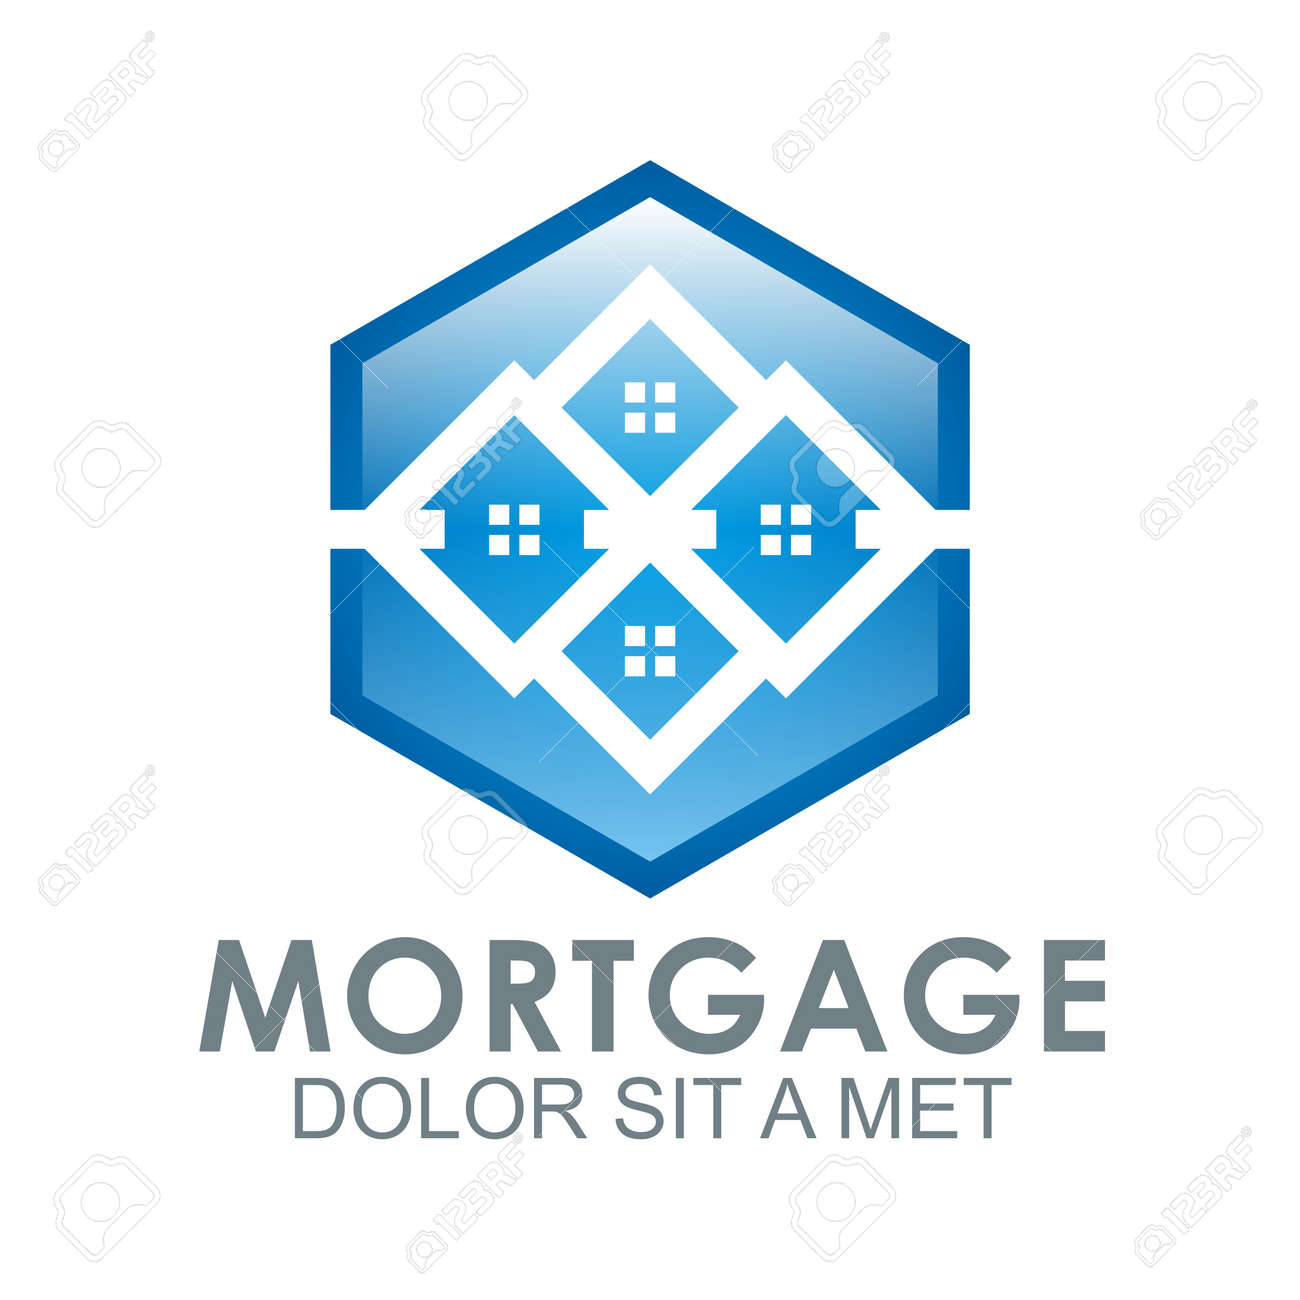 不動産住宅ローン ホーム カード イラスト建設会社のロゴ ロイヤリティ